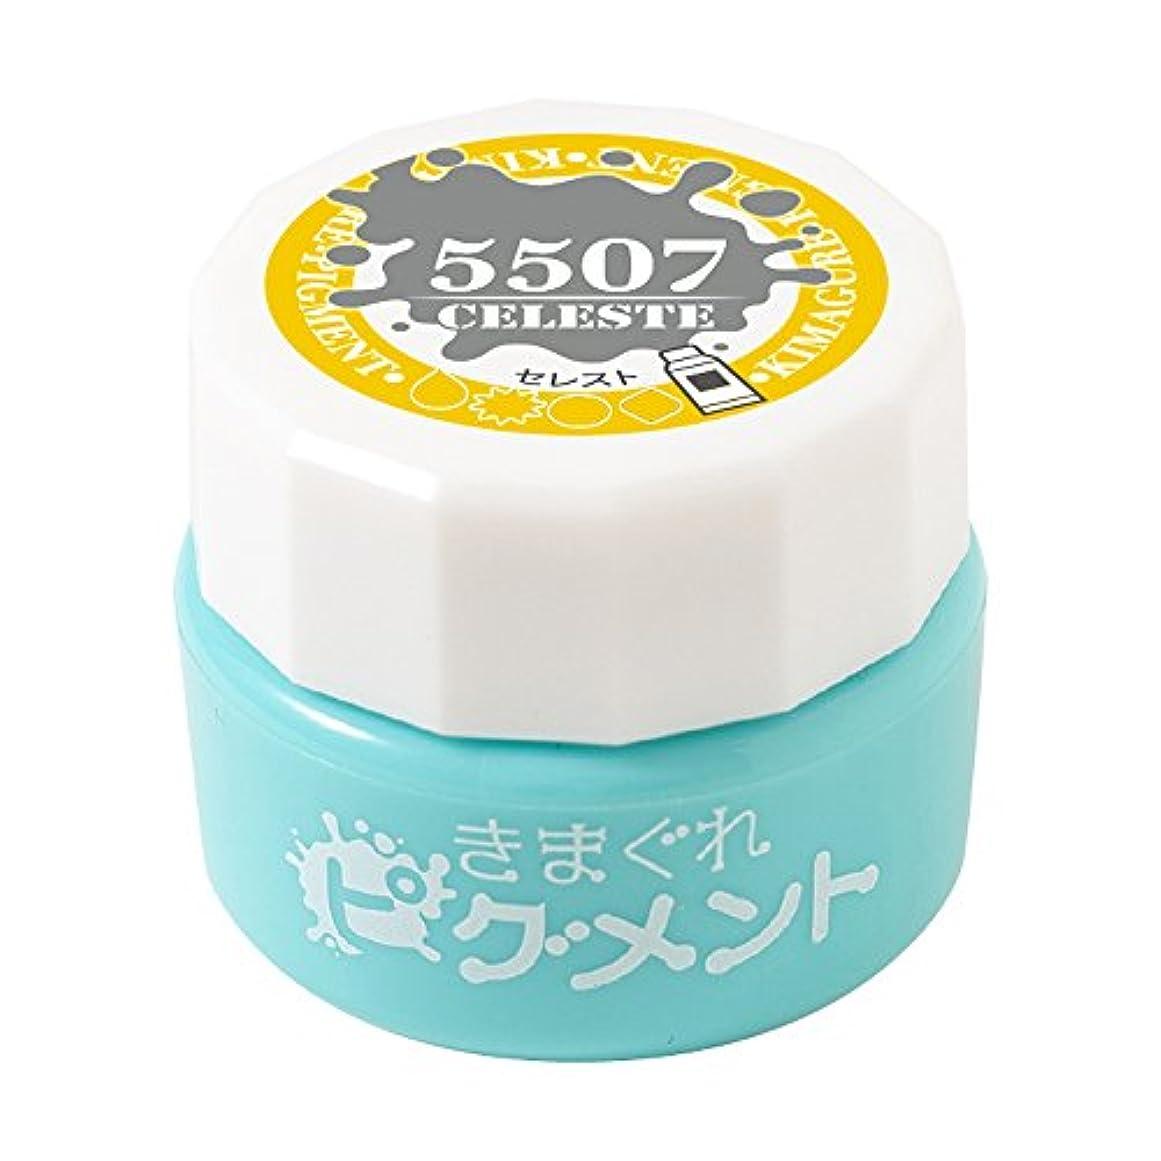 親愛な虫を数える電話Bettygel きまぐれピグメント セレスト QYJ-5507 4g UV/LED対応